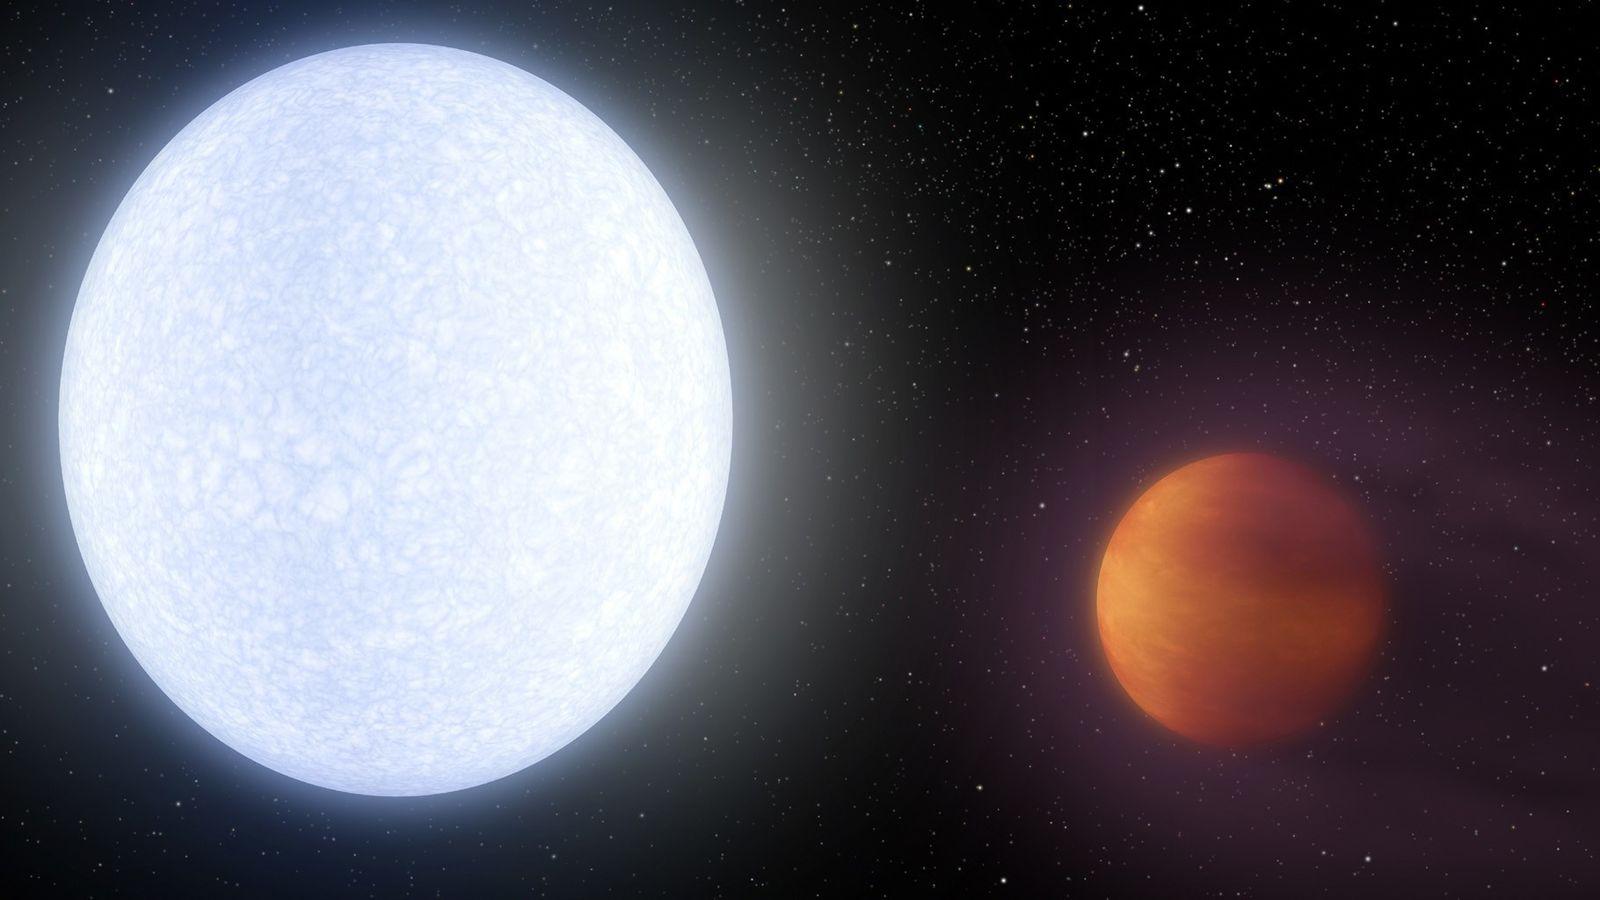 Cette vue d'artiste montre la planète KELT-9b en orbite autour de son étoile hôte, KELT-9. C'est ...